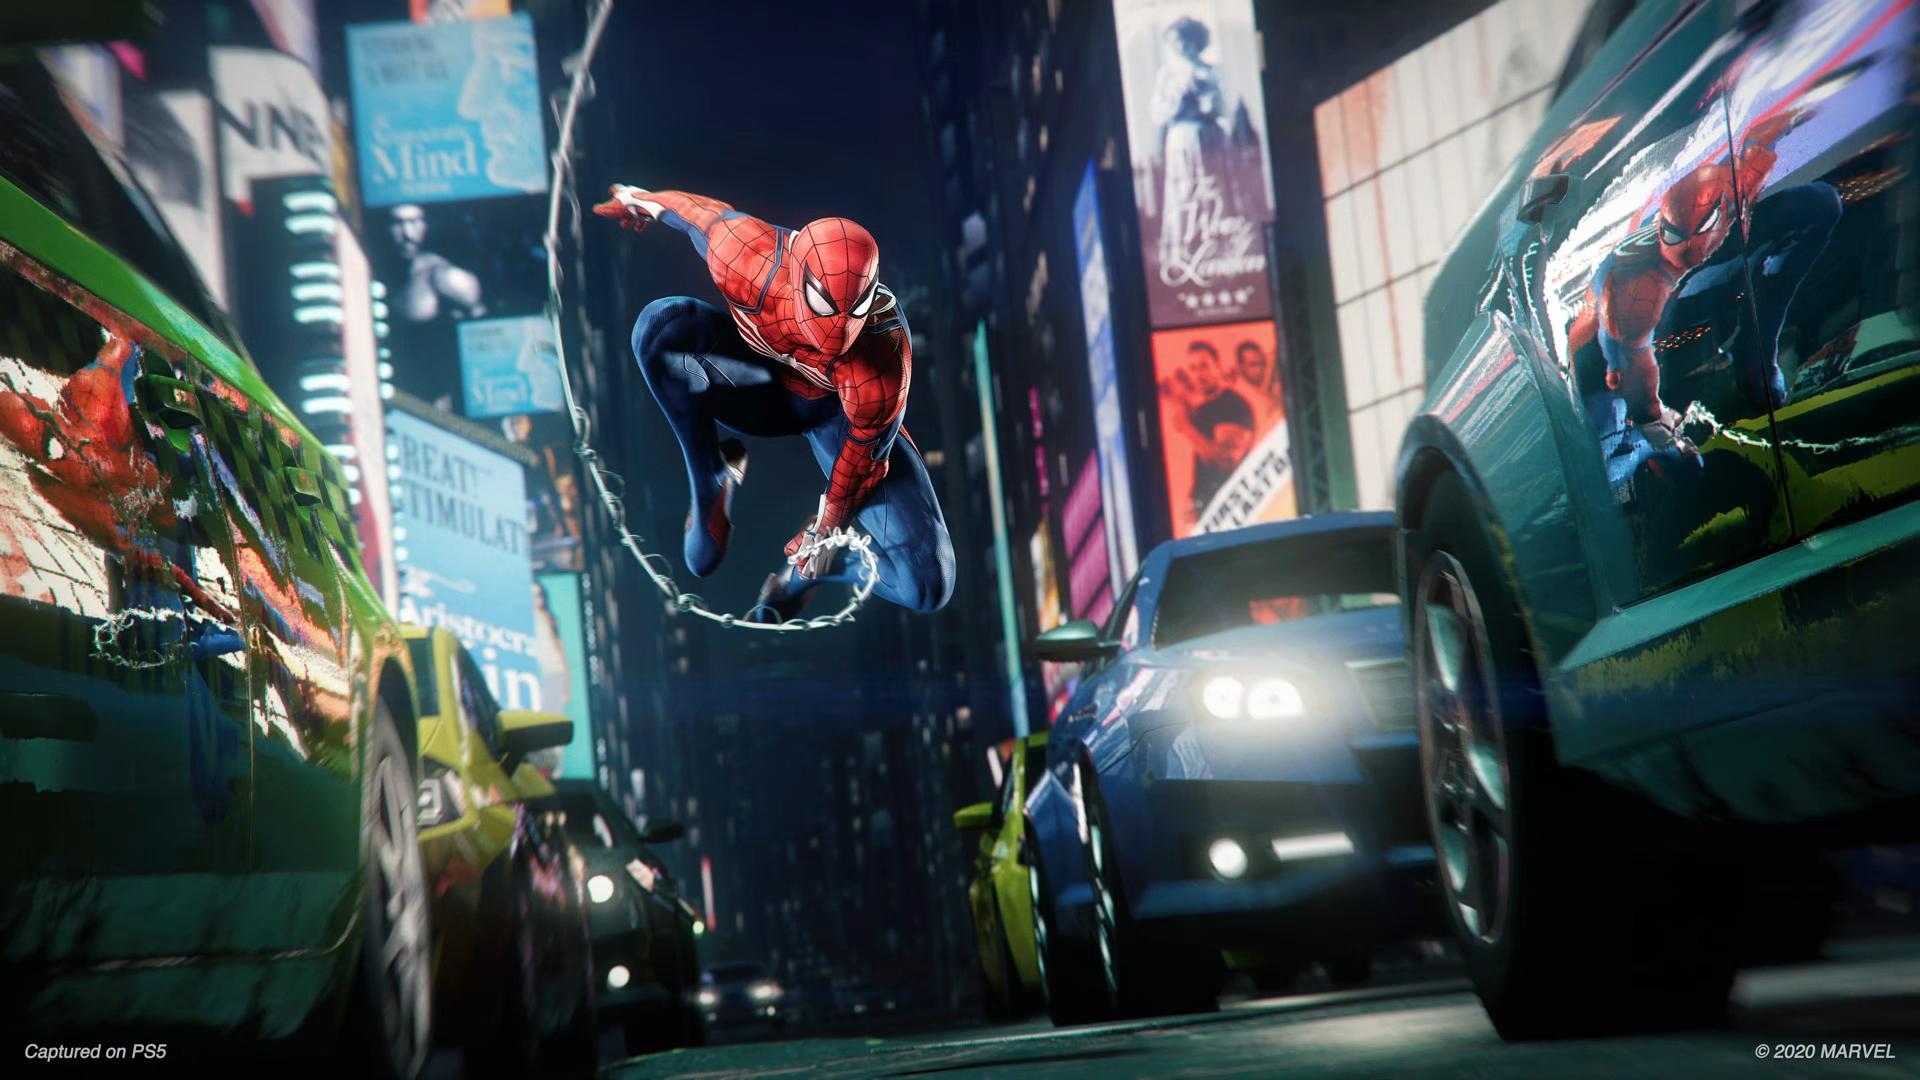 Проблемы рейтрейсинга в играх нового поколения: анализ трассировки лучей в ремастере Marvel's Spider-Man - 2